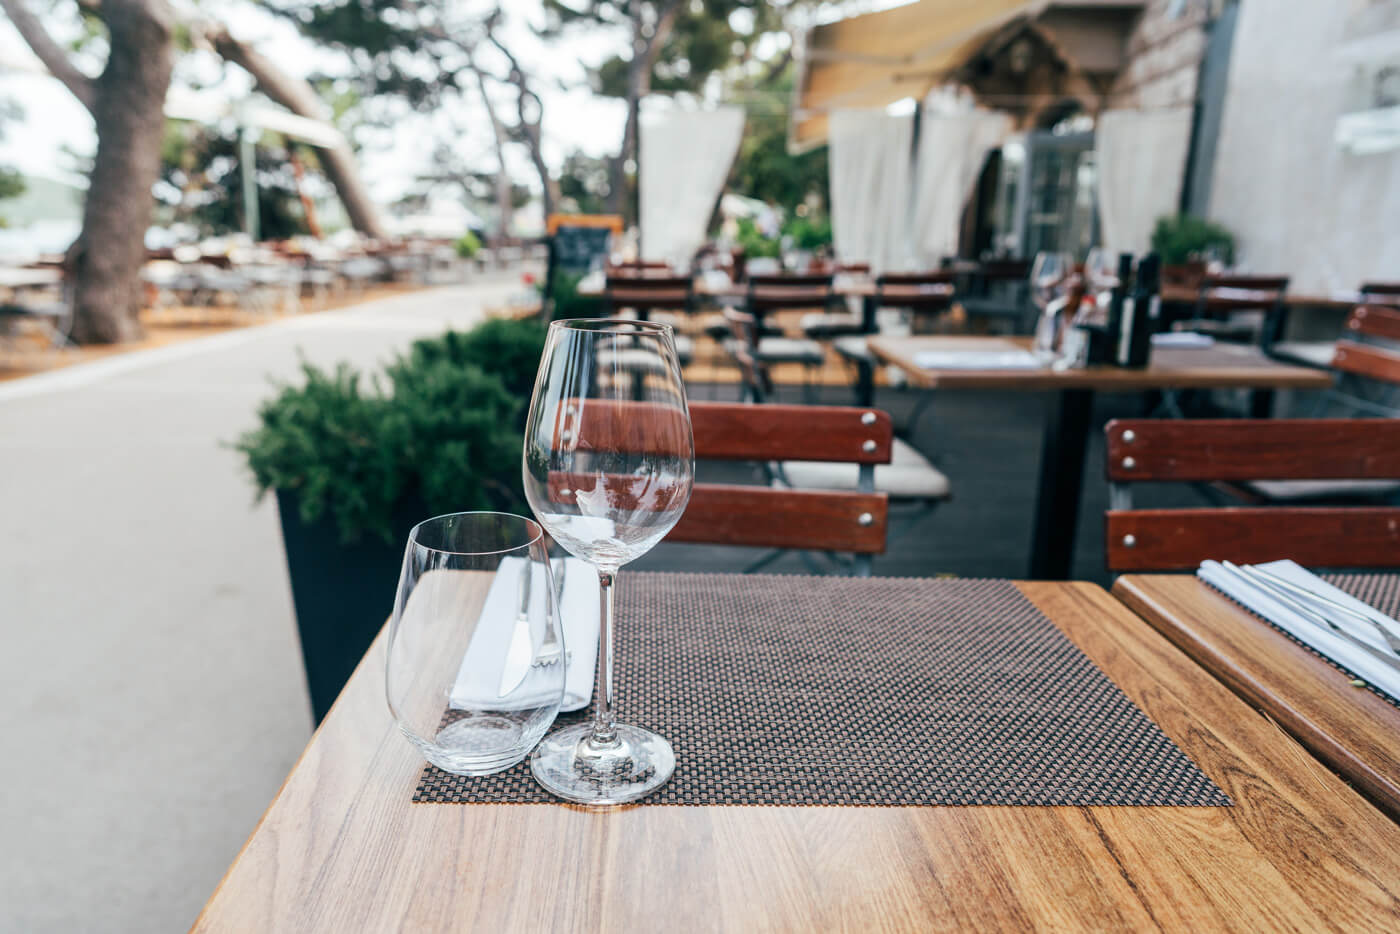 7 ερωτήσεις που θα απογειώσουν το εστιατόριο σου επιχειρηματικά